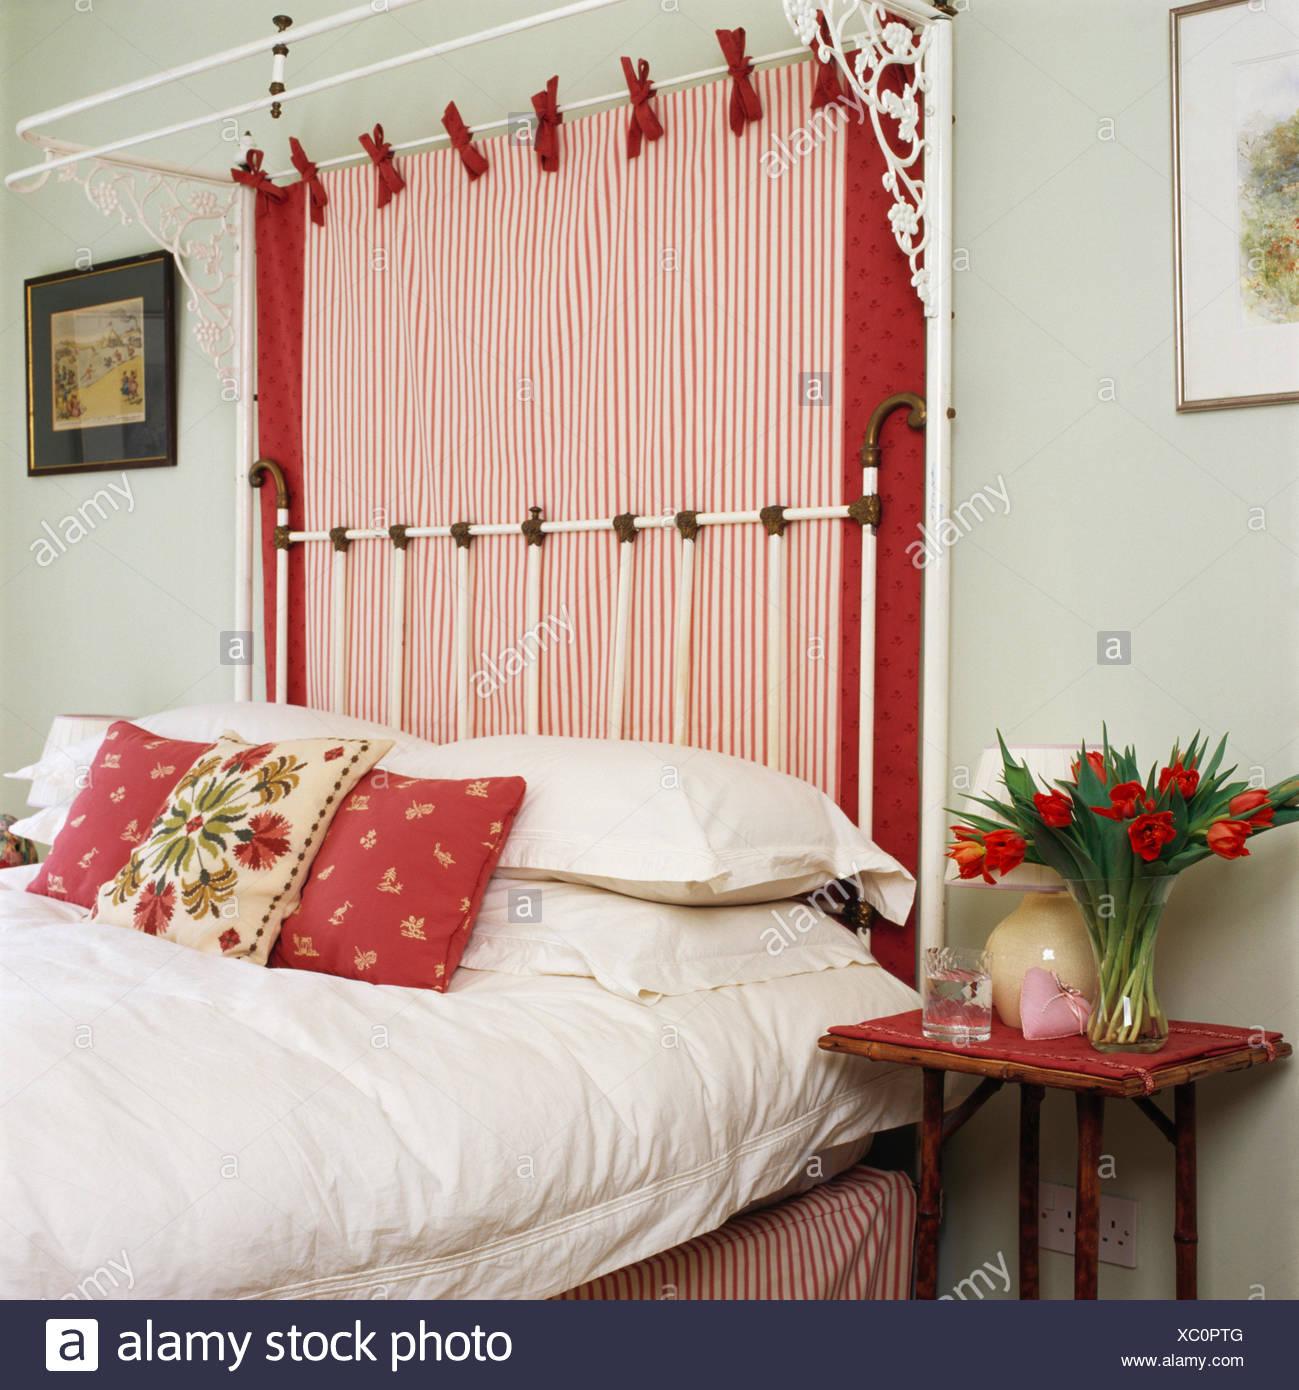 Blasses Grün Schlafzimmer mit rot + weiß gestreiftes Tuch auf halb ...